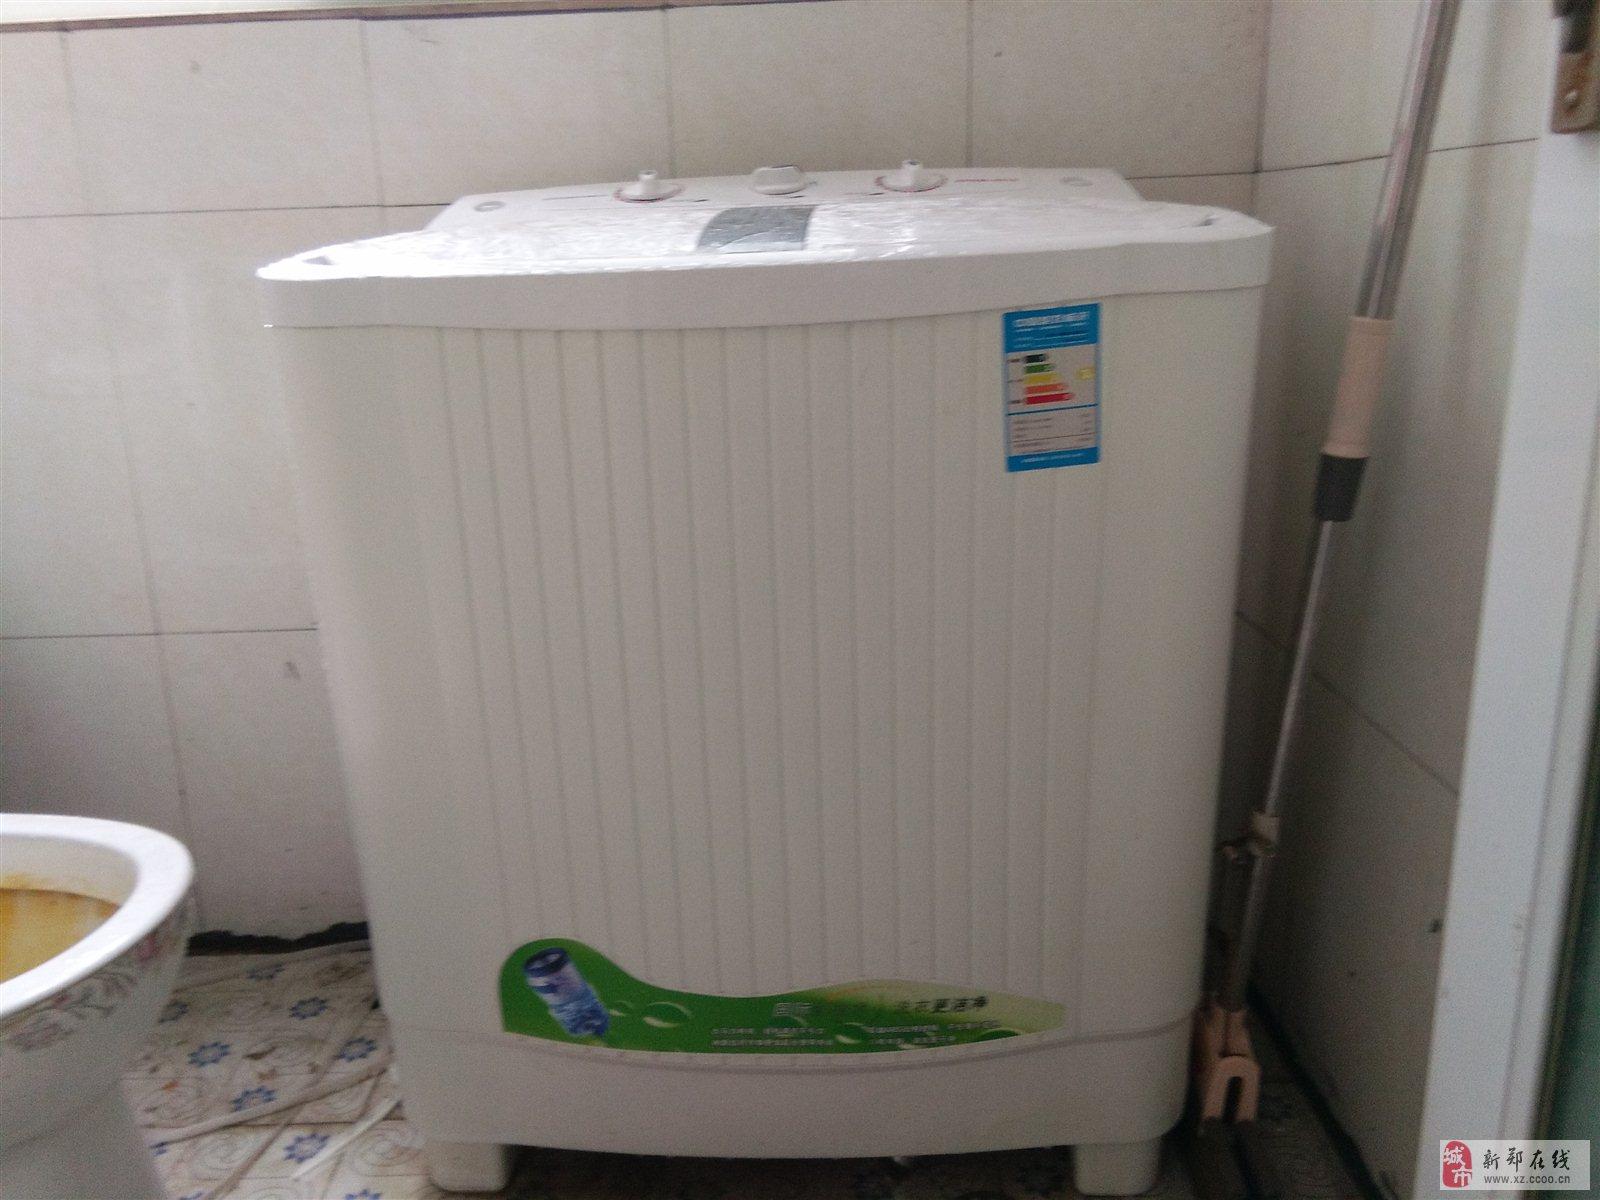 小天鹅双桶洗衣机出售